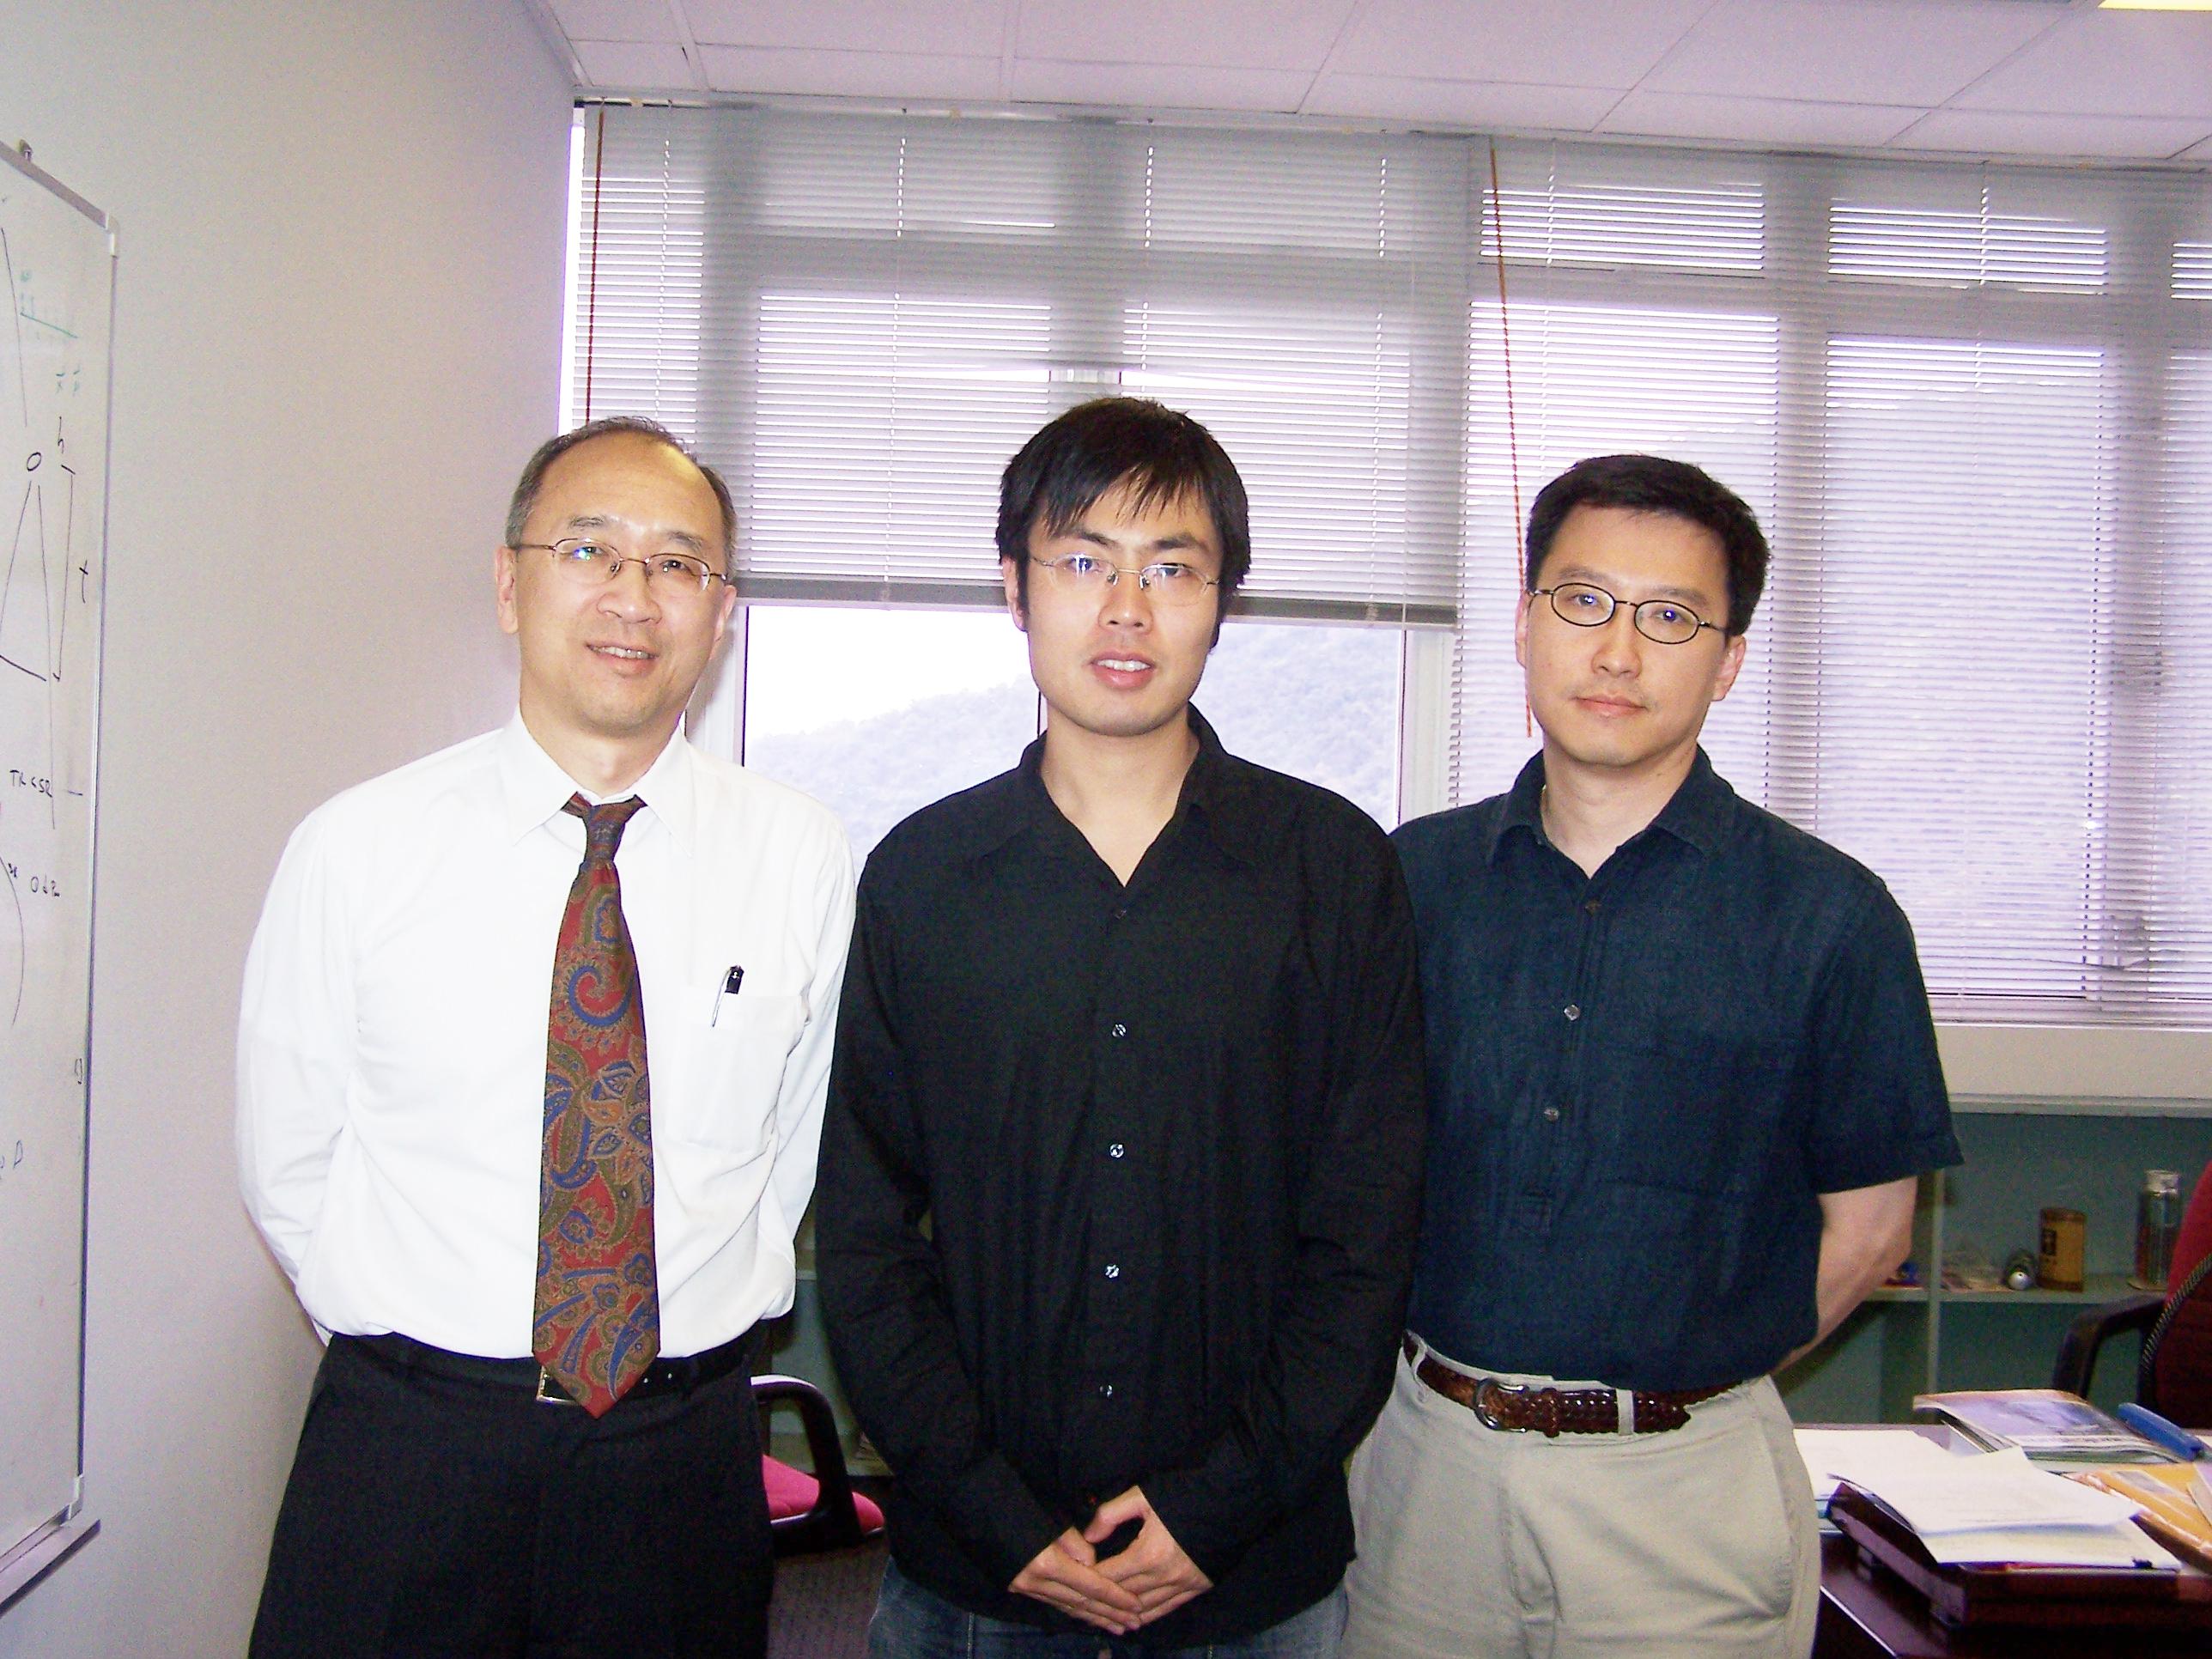 范斌同学(中)与讯息工程学系邱达民教授(左)和计算机科学与工程学系吕自成教授(右)合照。